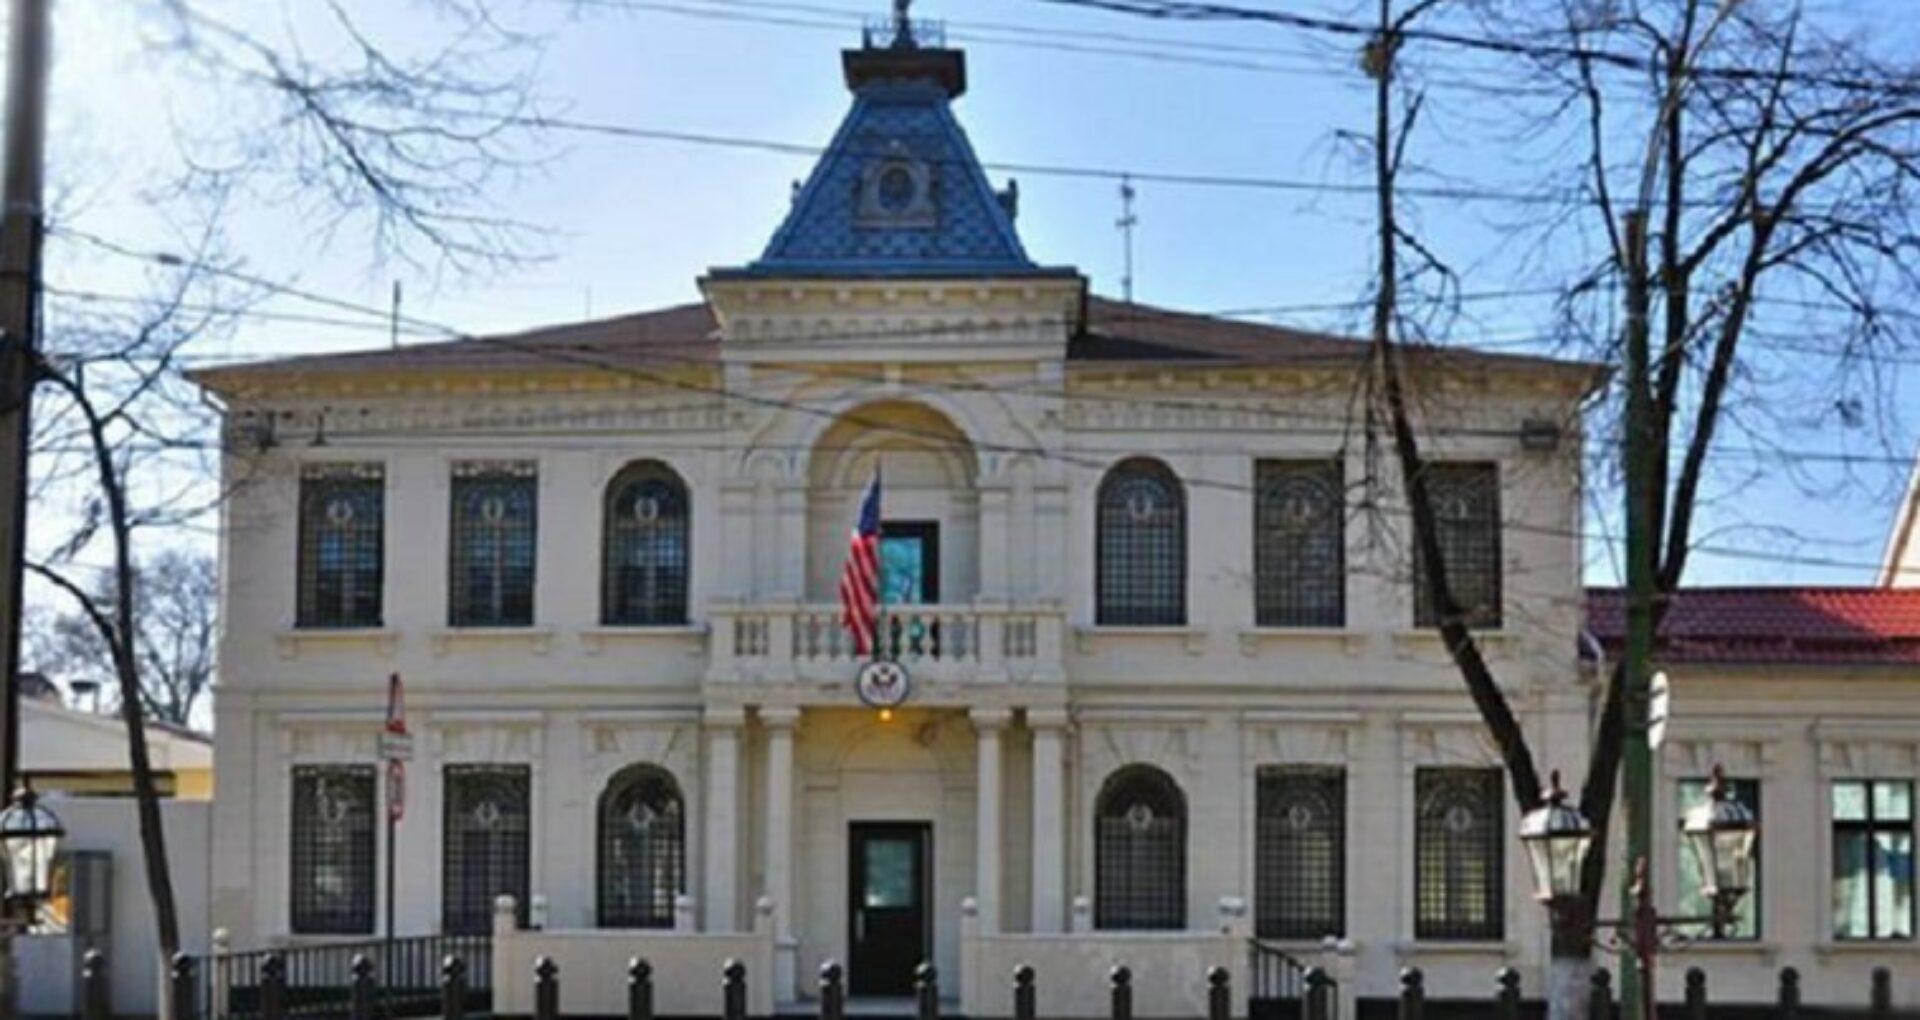 SUA au transmis un mesaj de felicitare Maiei Sandu pentru învestirea în funcția de președinte al R. Moldova: SUA vor continua să-i fie un partener stabil